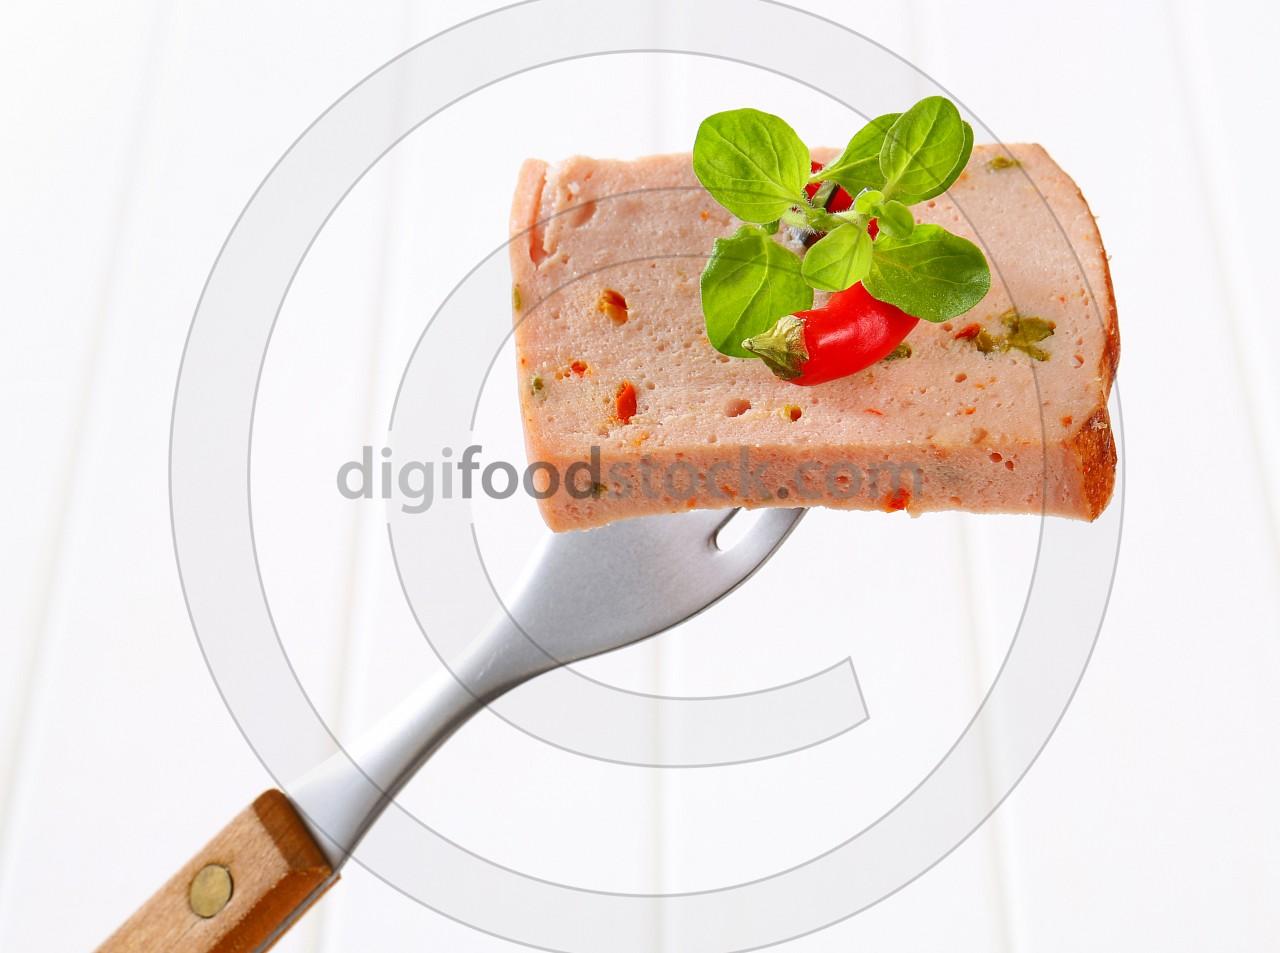 Leberkase - German style meatloaf